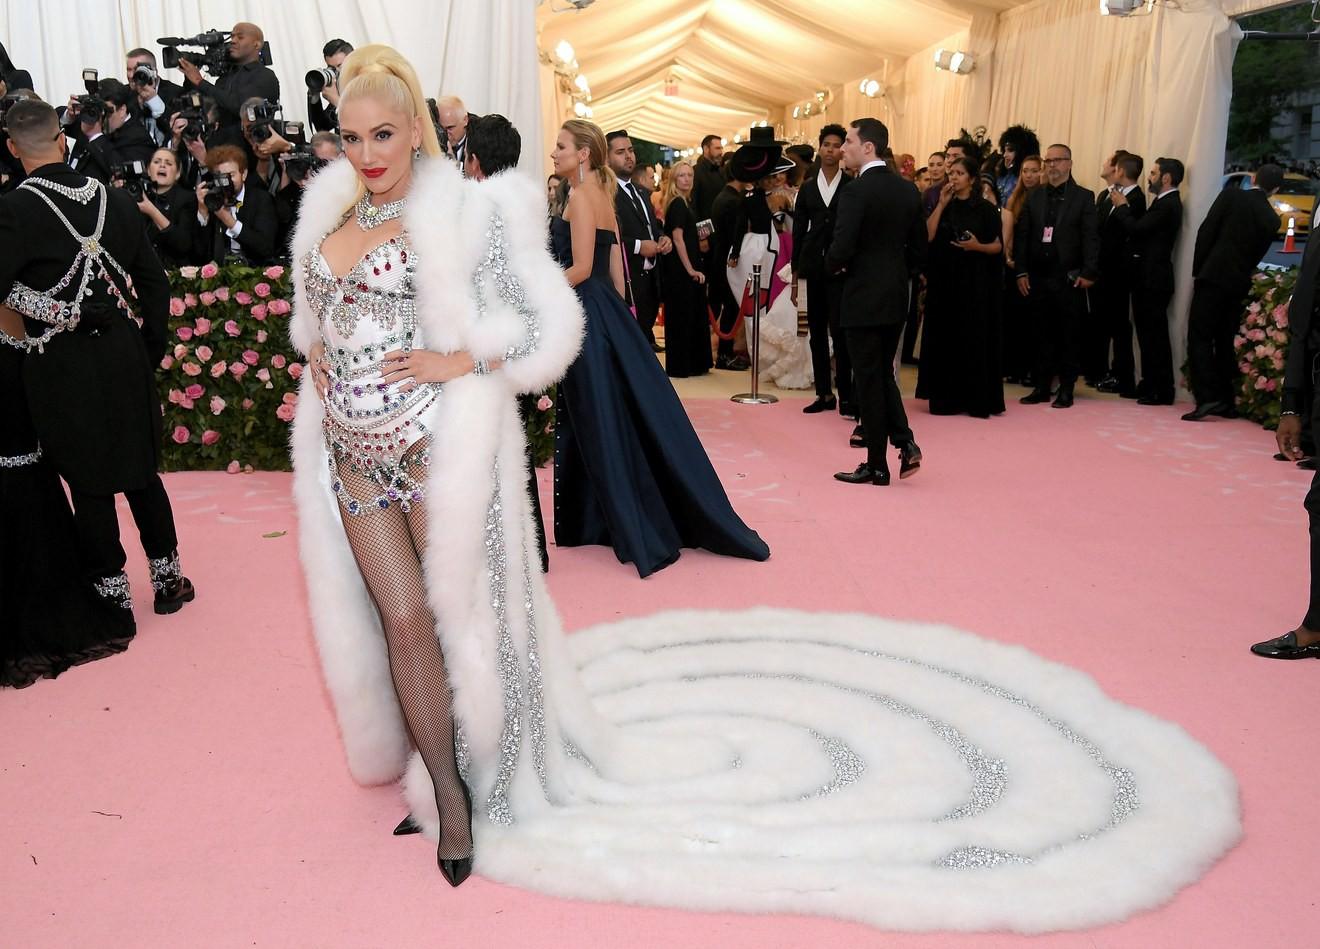 Met Gala 2019: Khó ai chơi lớn bằng Lady Gaga, Katy Perry chuyển từ đèn chùm thành burger nhưng chặt chém không kém là nam nhân dát vàng nằm kiệu - Ảnh 39.